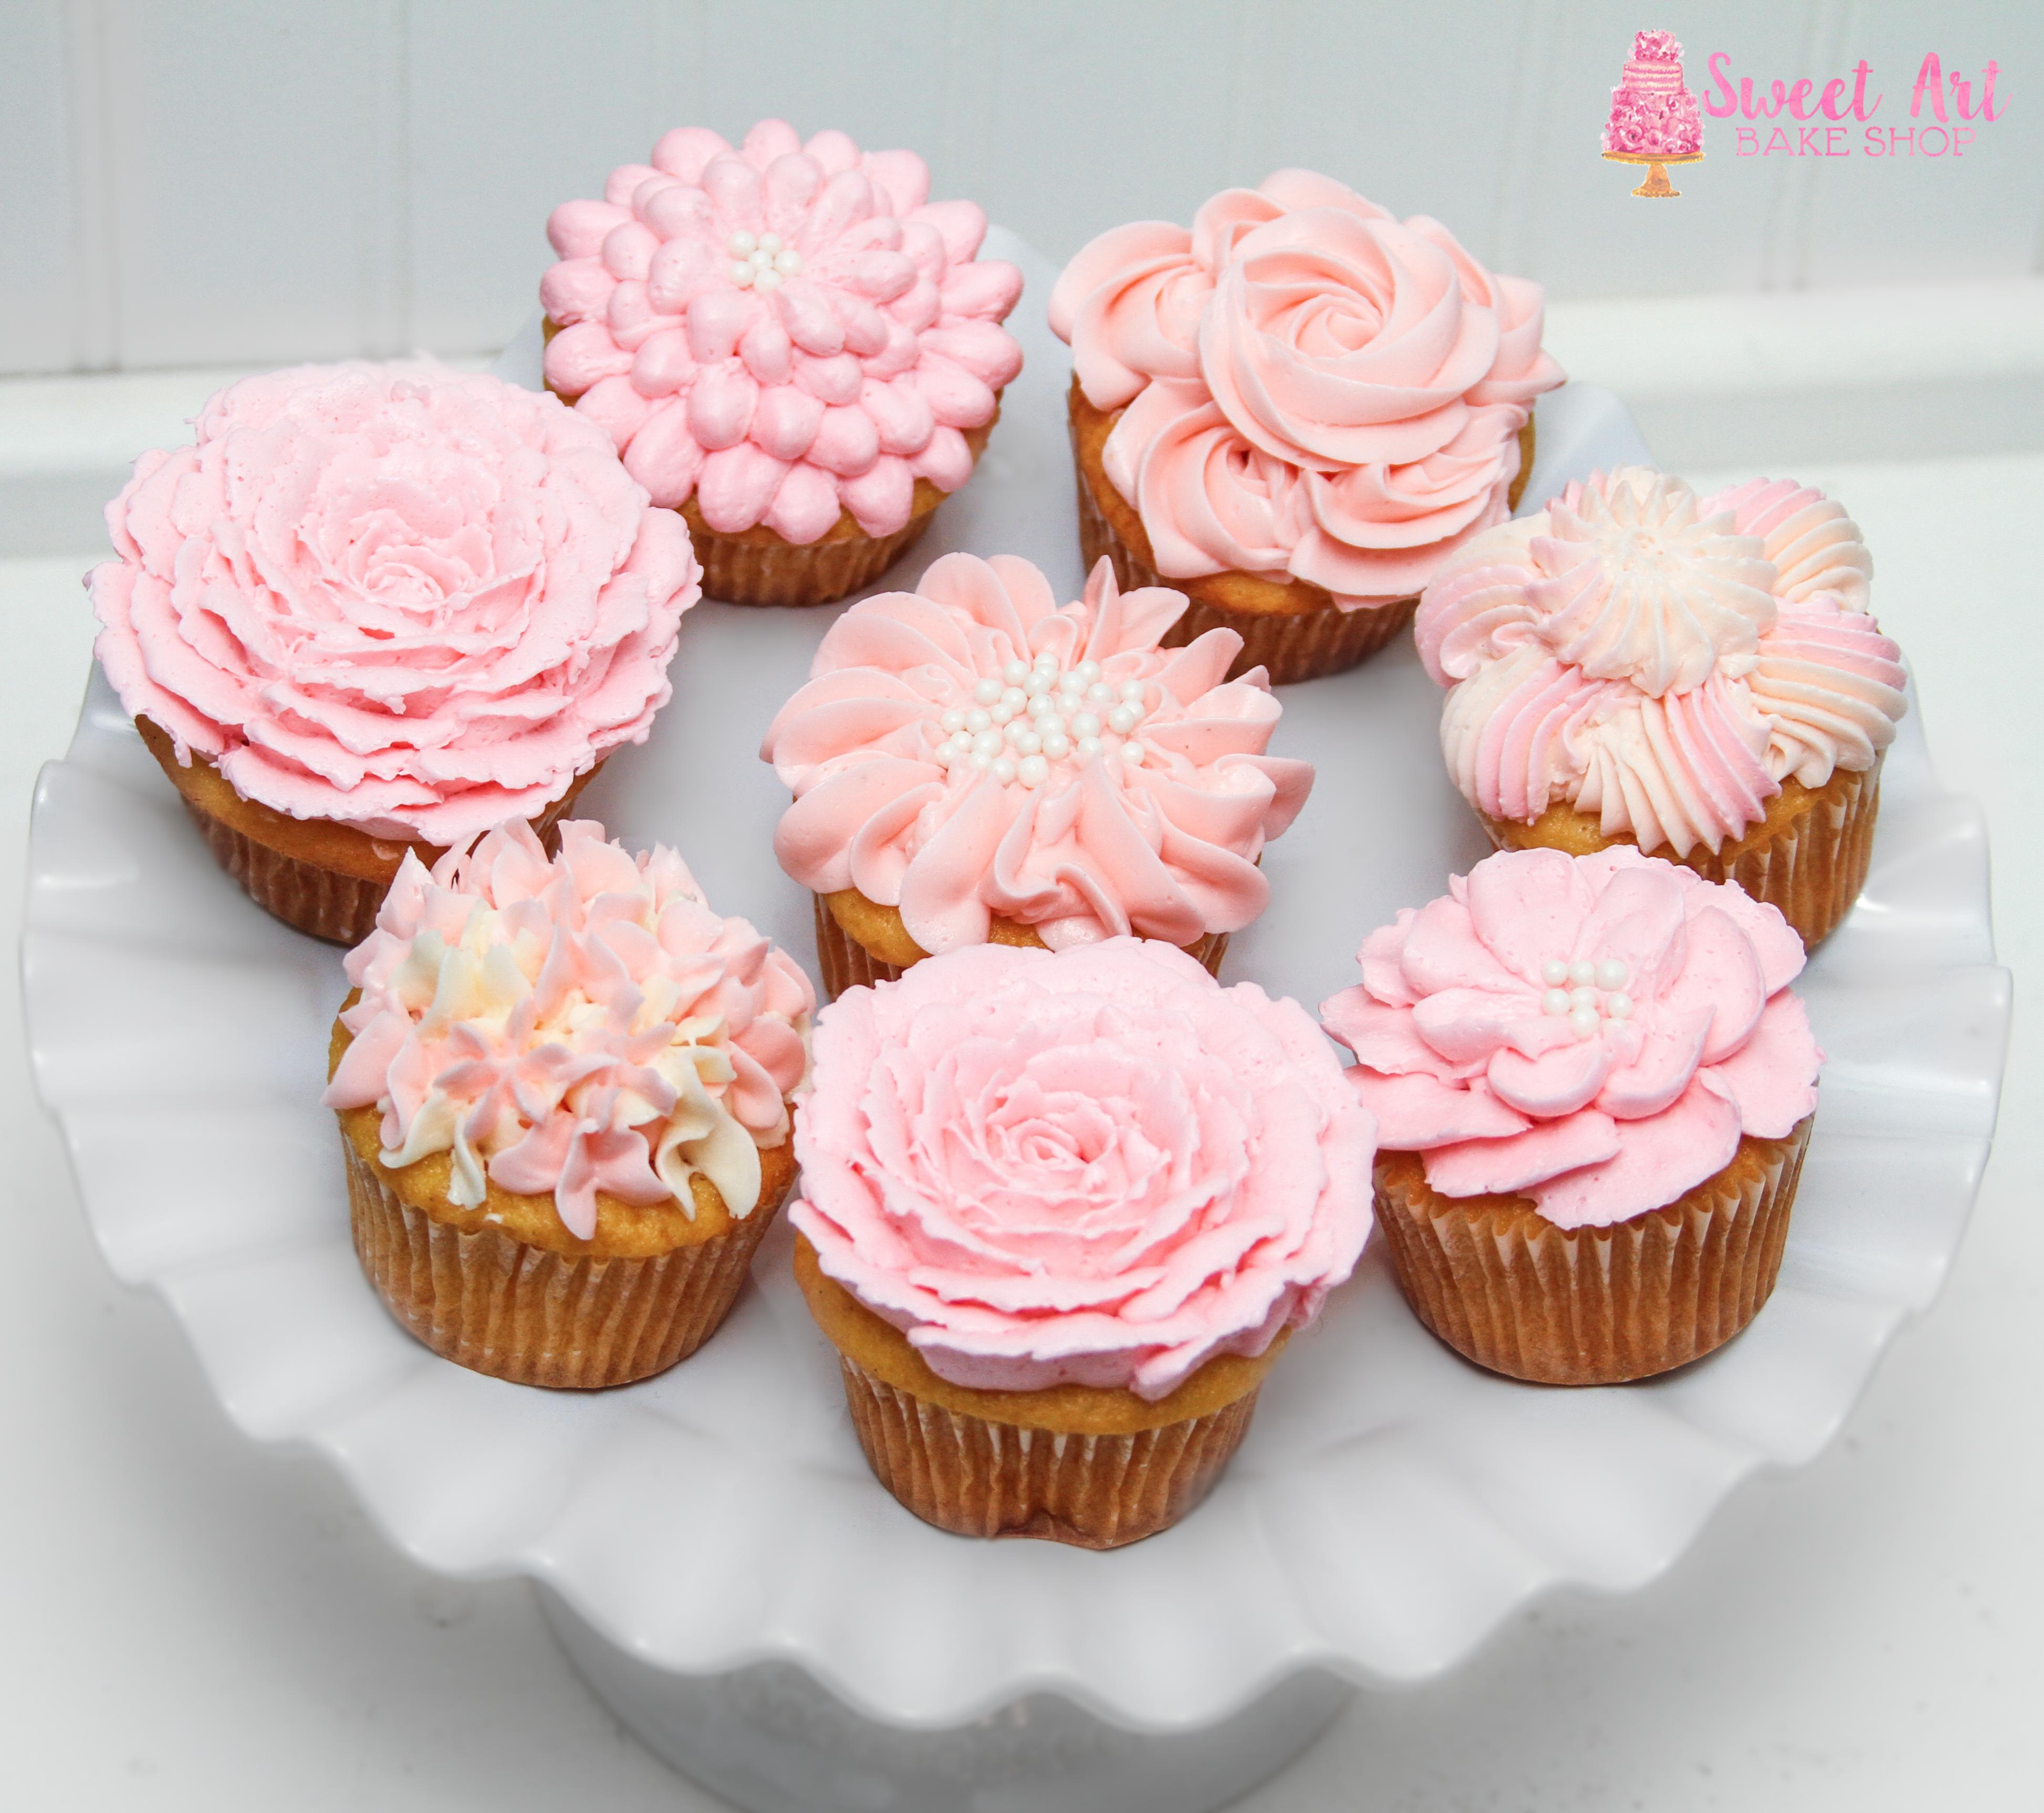 Blush Pink Flower Cupcakes